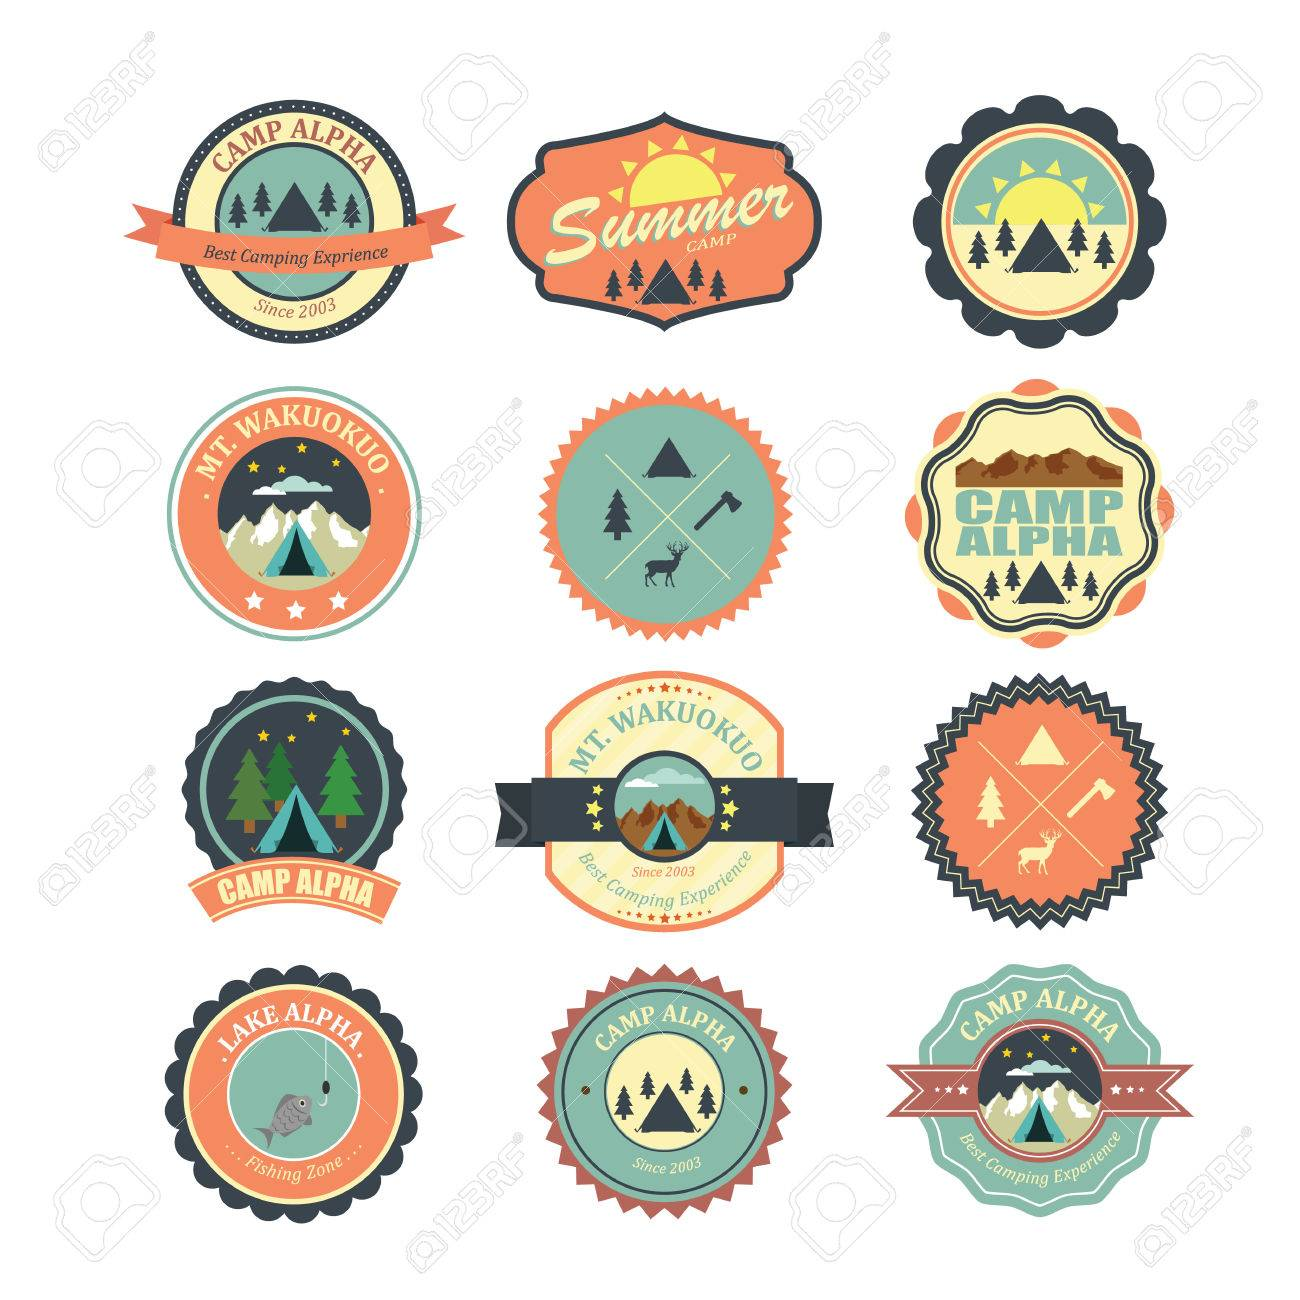 Set of vintage outdoor camp badges and emblems. - 33068519